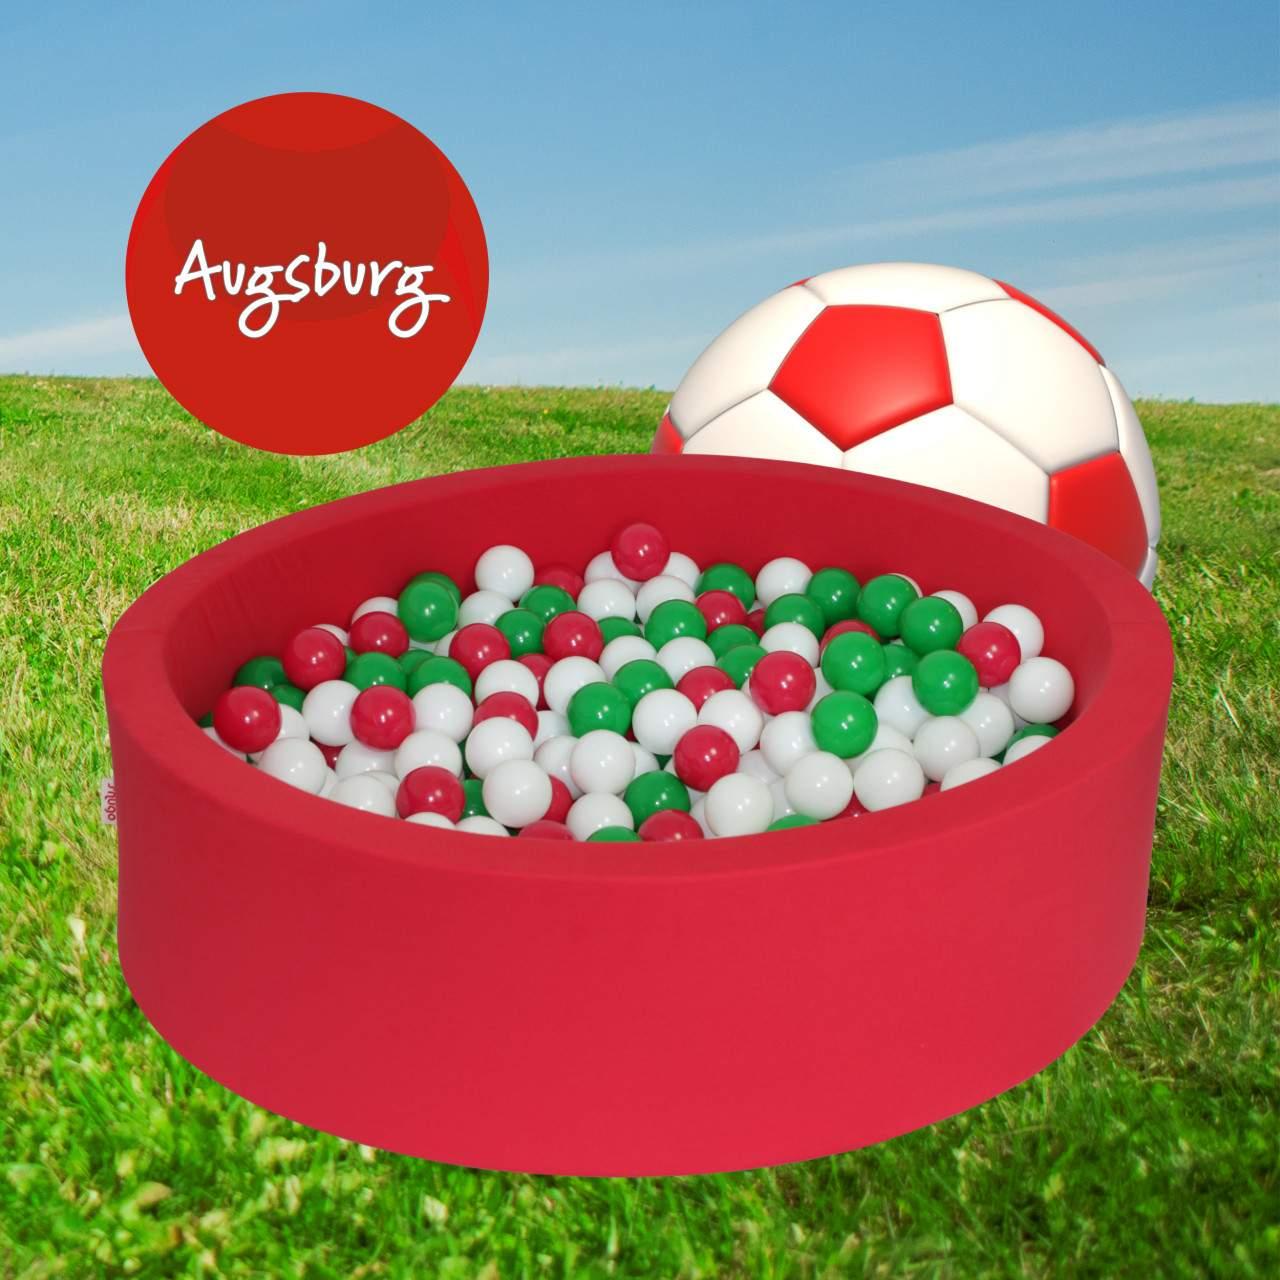 kinder ballebad augsburg in rot mit uber 350 ballen 3113 1280x1280